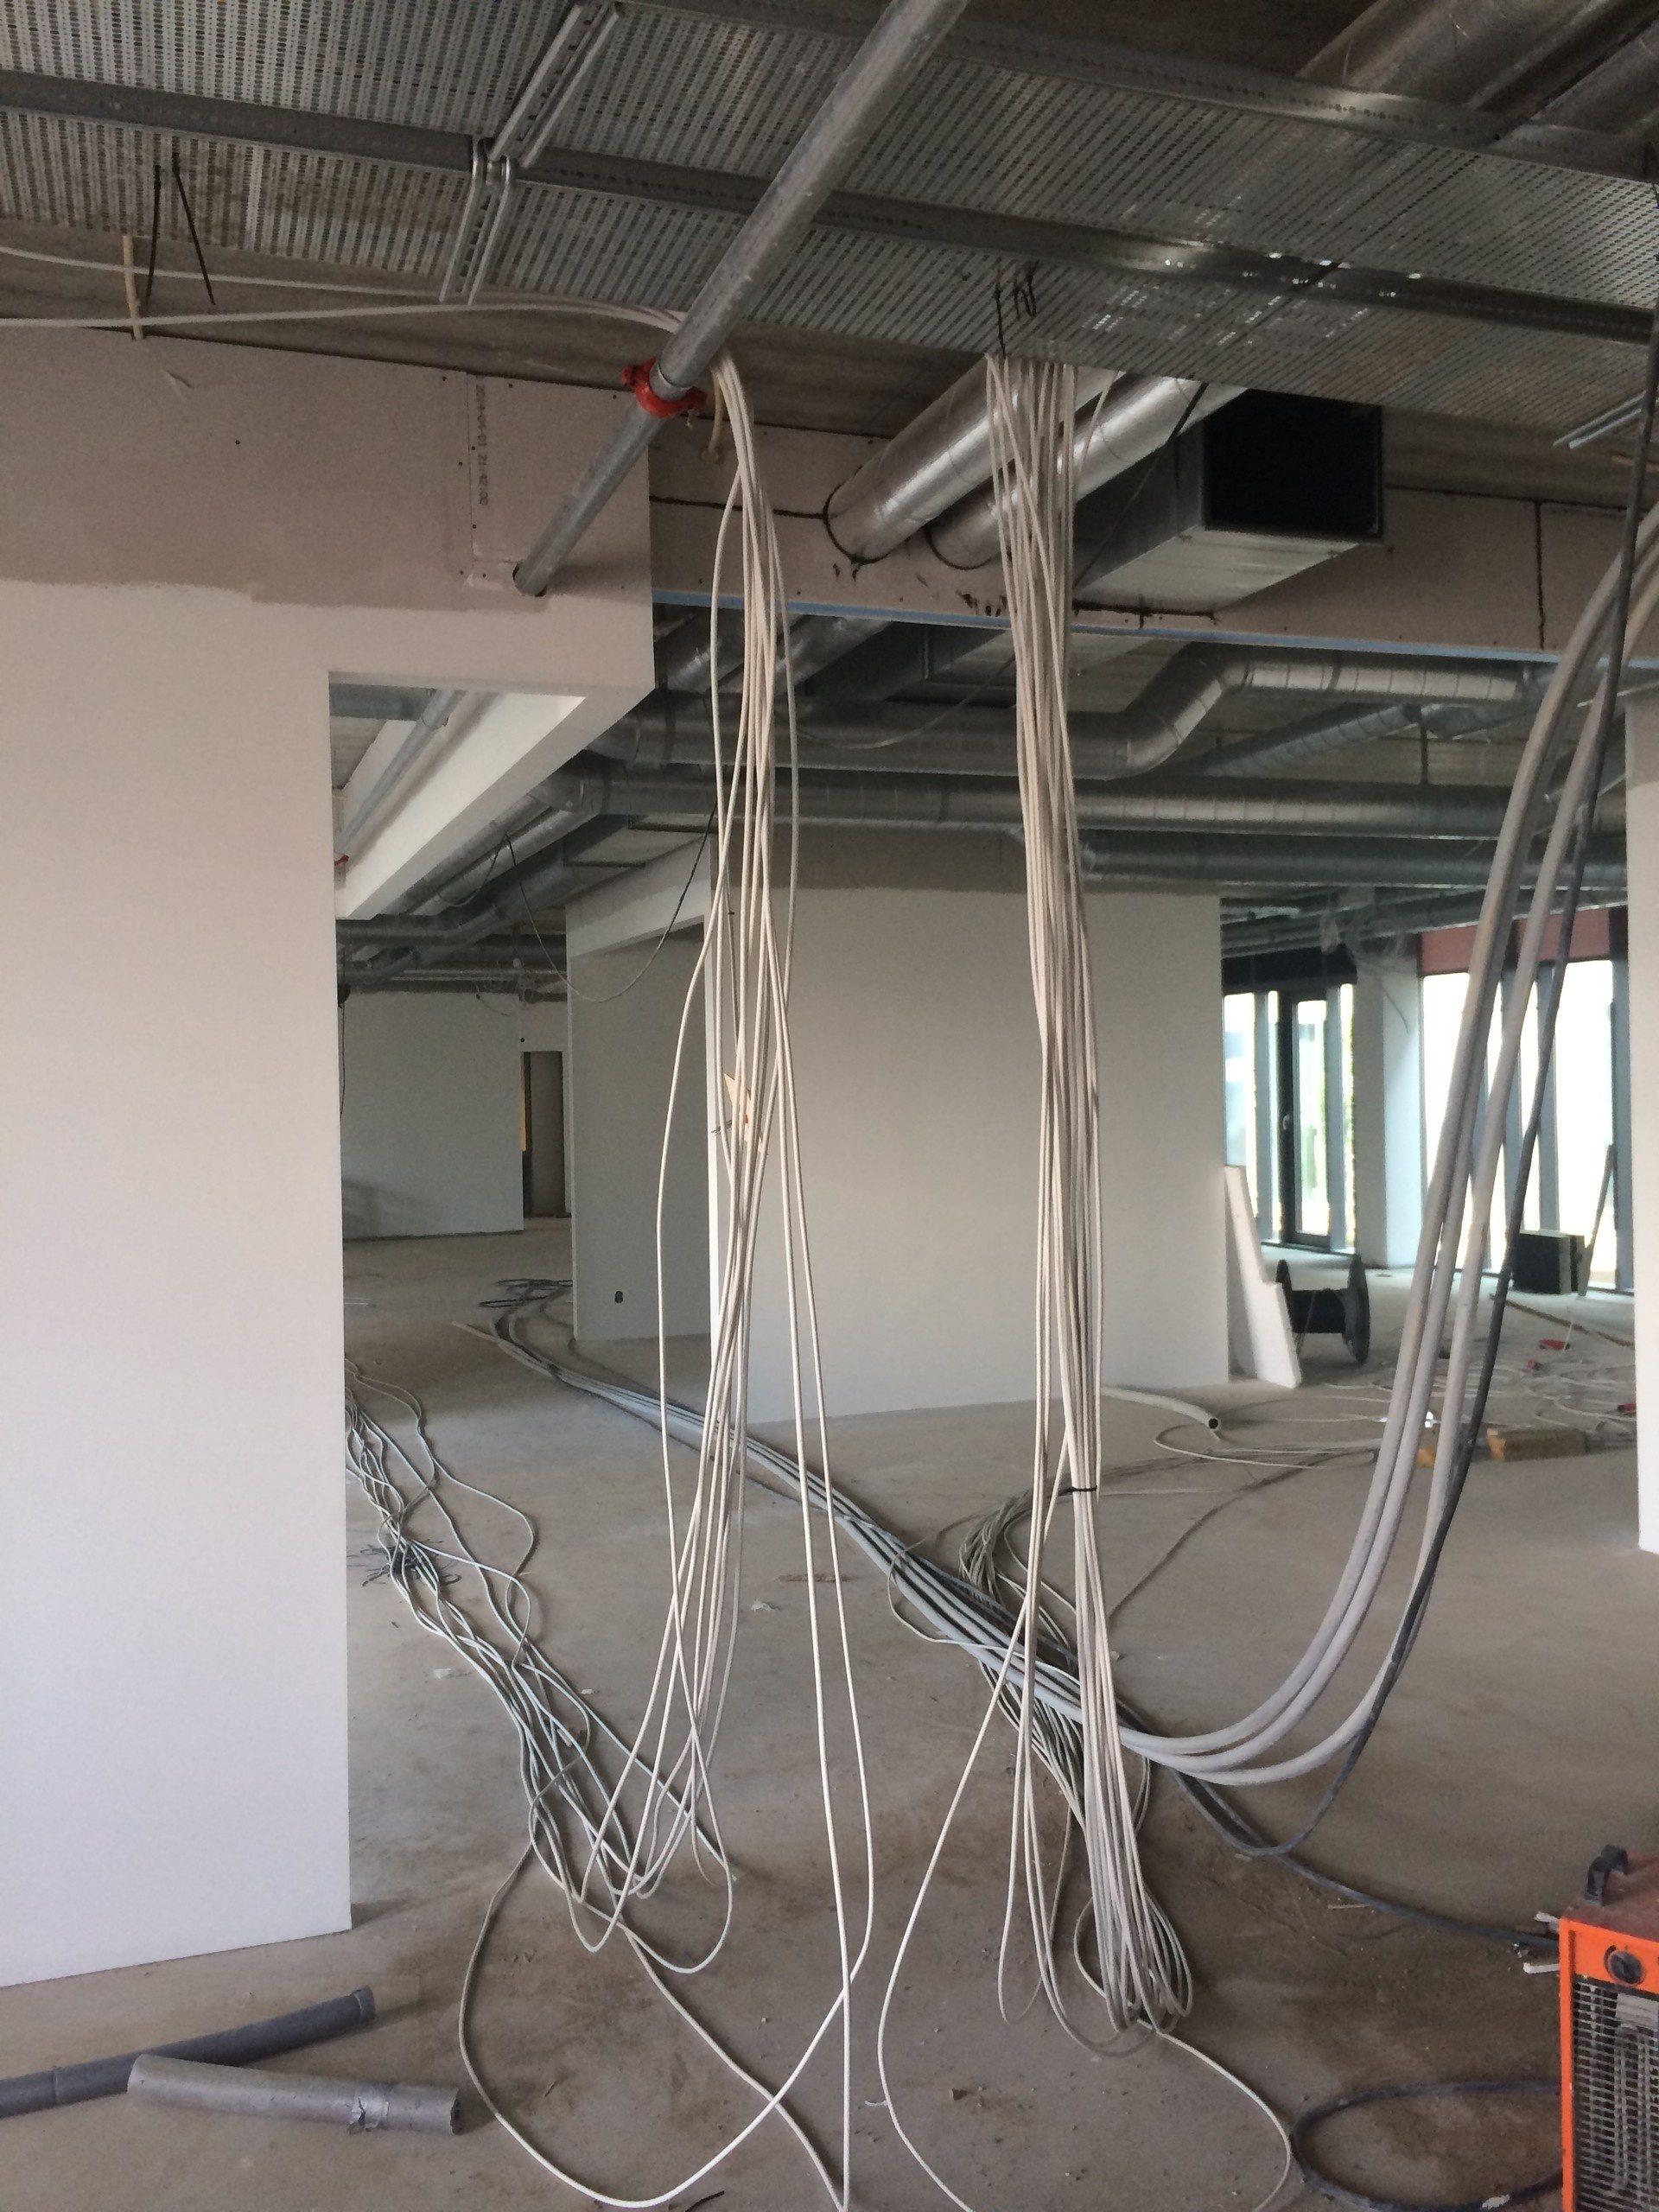 Nye Elektriker Aarhus & El Installatør ⇒ Hjælp til Eltavle? OV-85